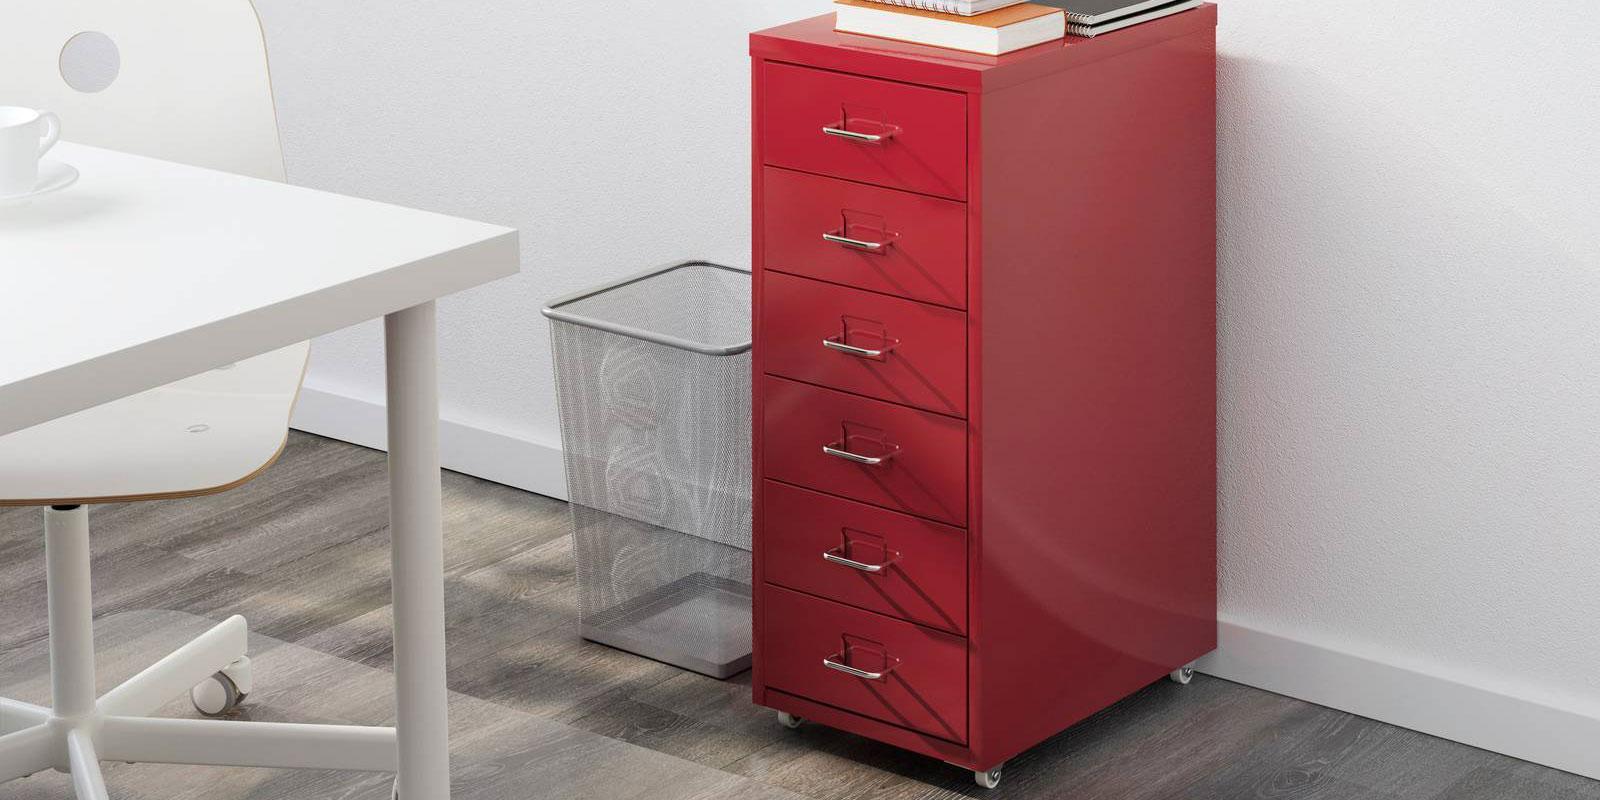 Helmer Cassettiera Con Rotelle Ikea.Cassettiere Con Rotelle Mini Capienti E Colorate Cose Di Casa